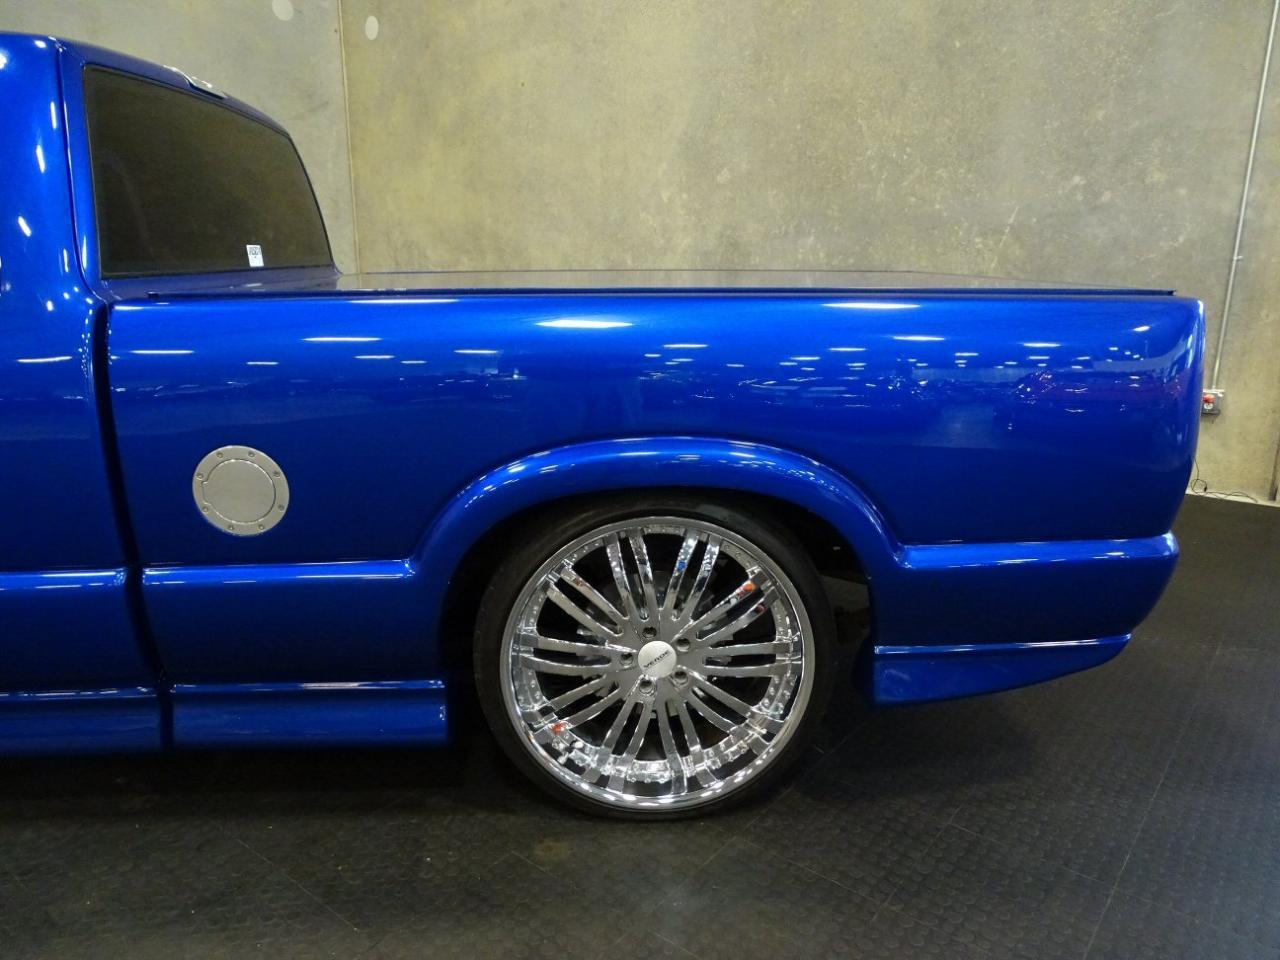 2001 Chevrolet S10 7